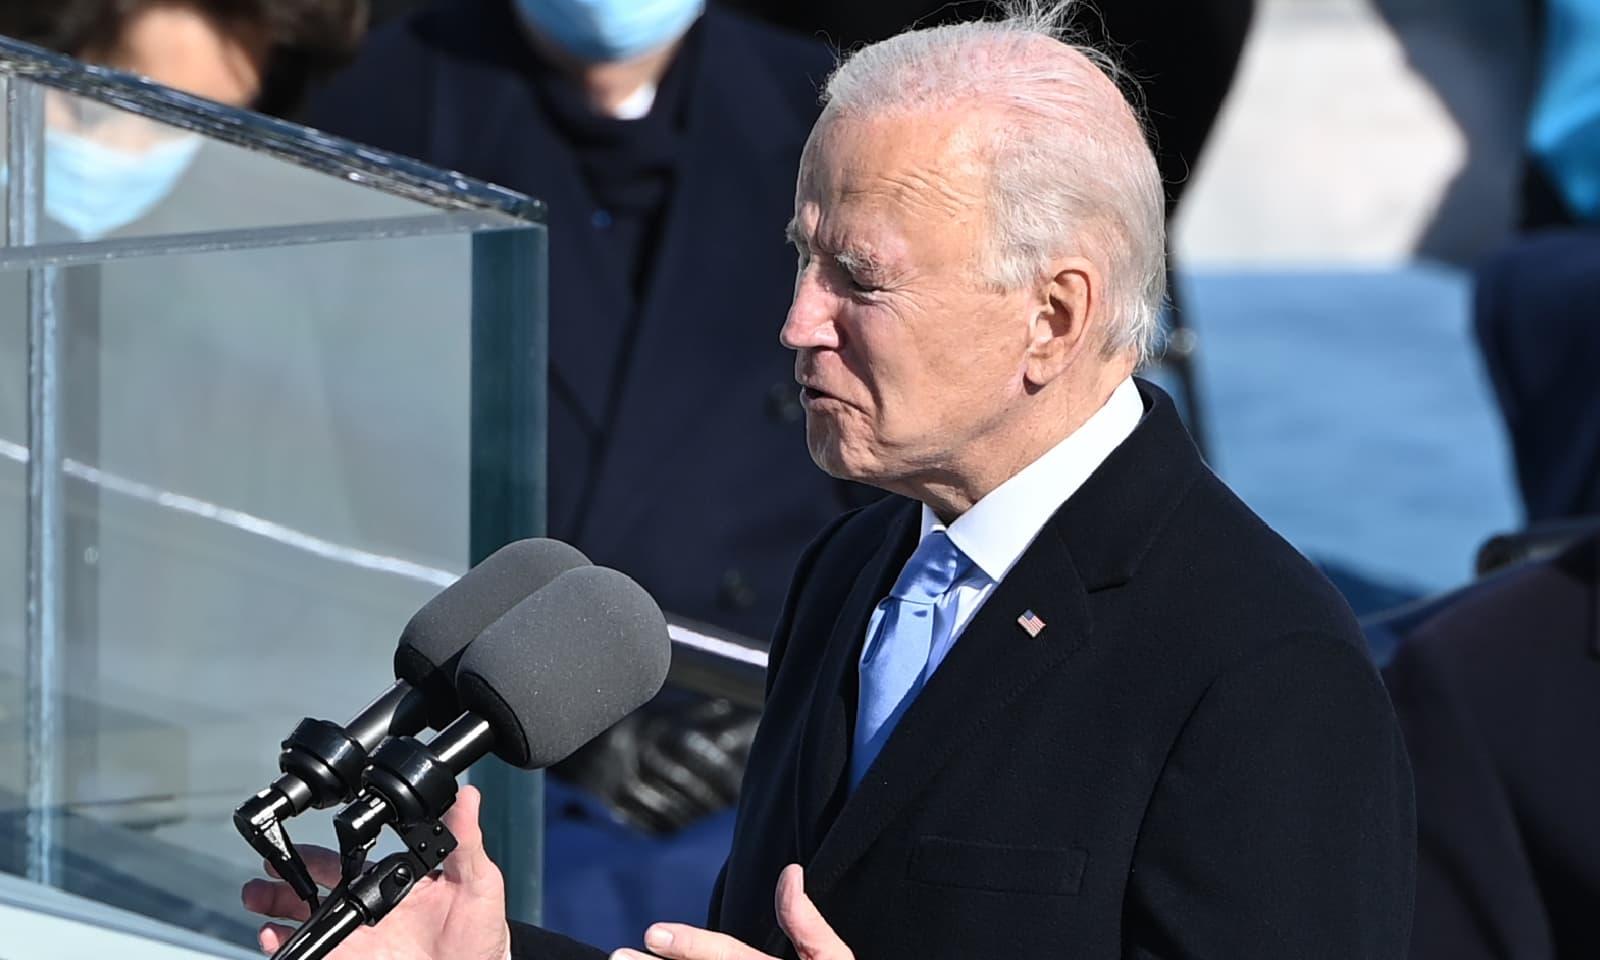 جو بائیڈن نے حلف اٹھانے کے بعد خطاب بھی کیا — فوٹو: اے ایف پی